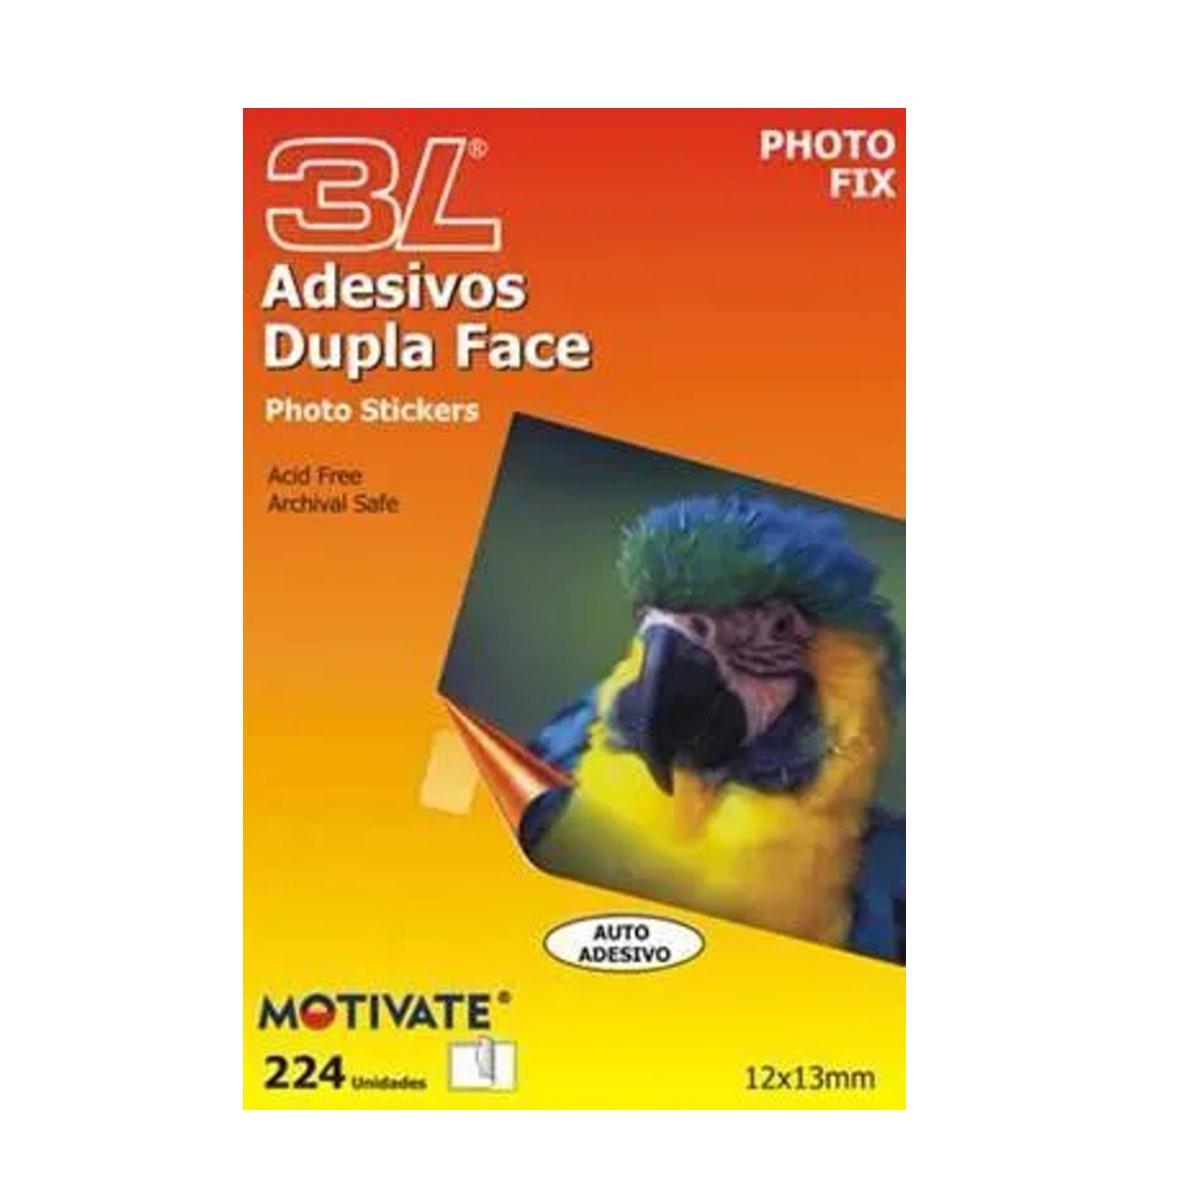 Auto Adesivo Dupla Face Photo Fix - Blister com 224 Adesivos